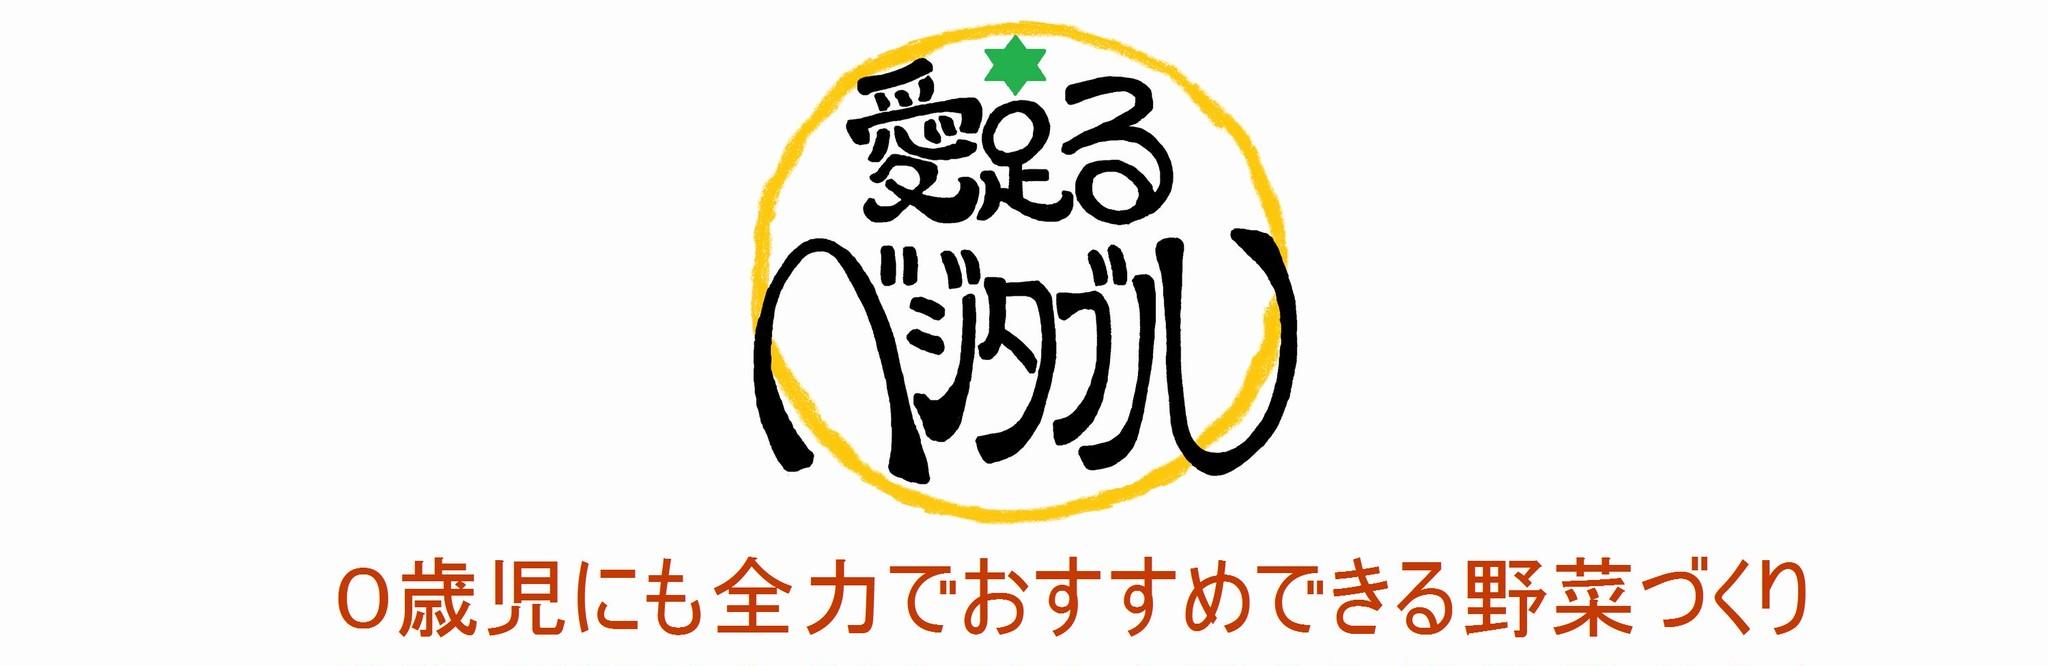 愛足るベジタブル italVegetable